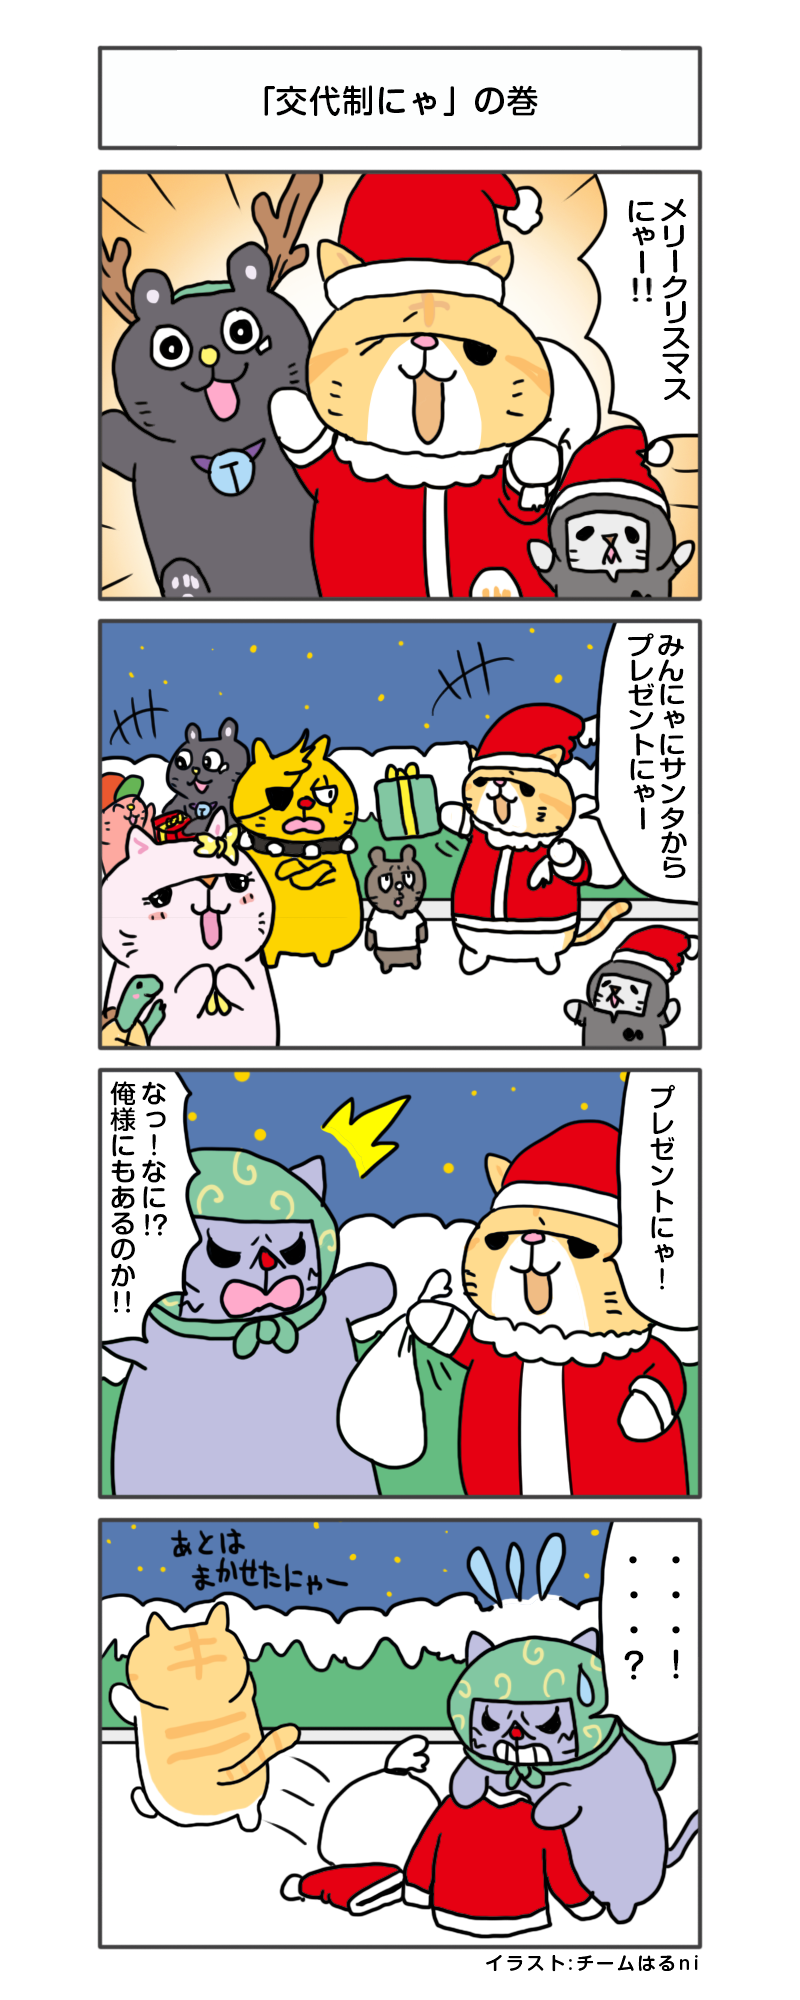 えきぞうmanga_vol.282